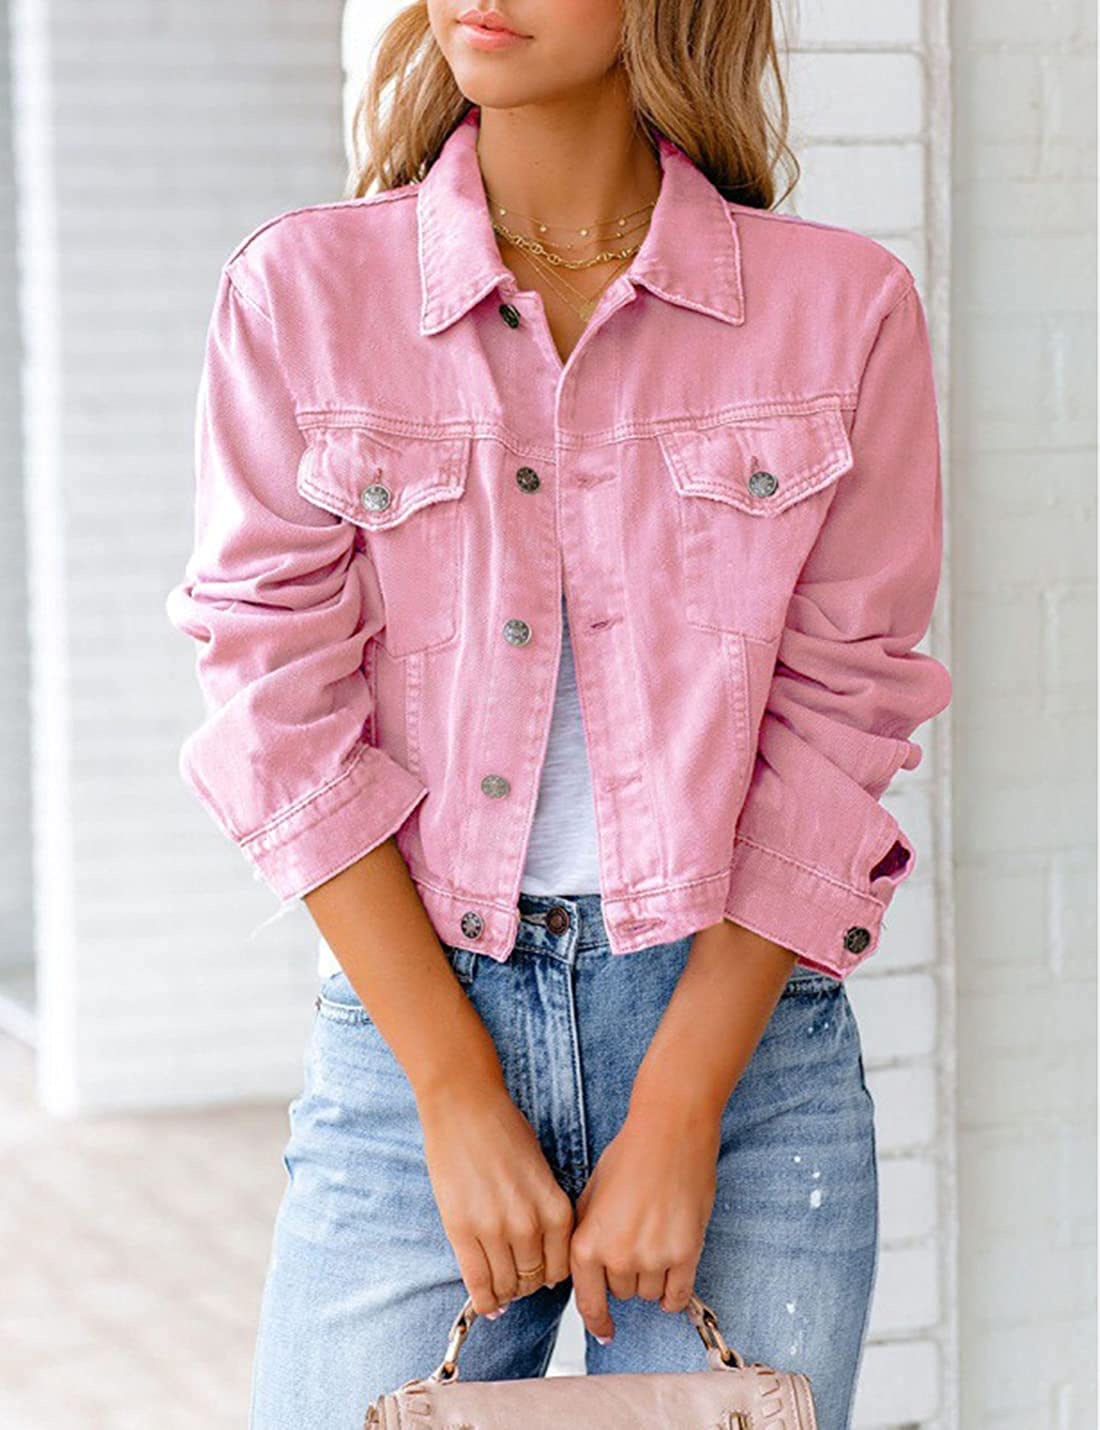 Women's Cropped Denim Shirt Jacket Long Sleeve Casual Shacket Button Down Jean Trucker Jacket for Streetwear